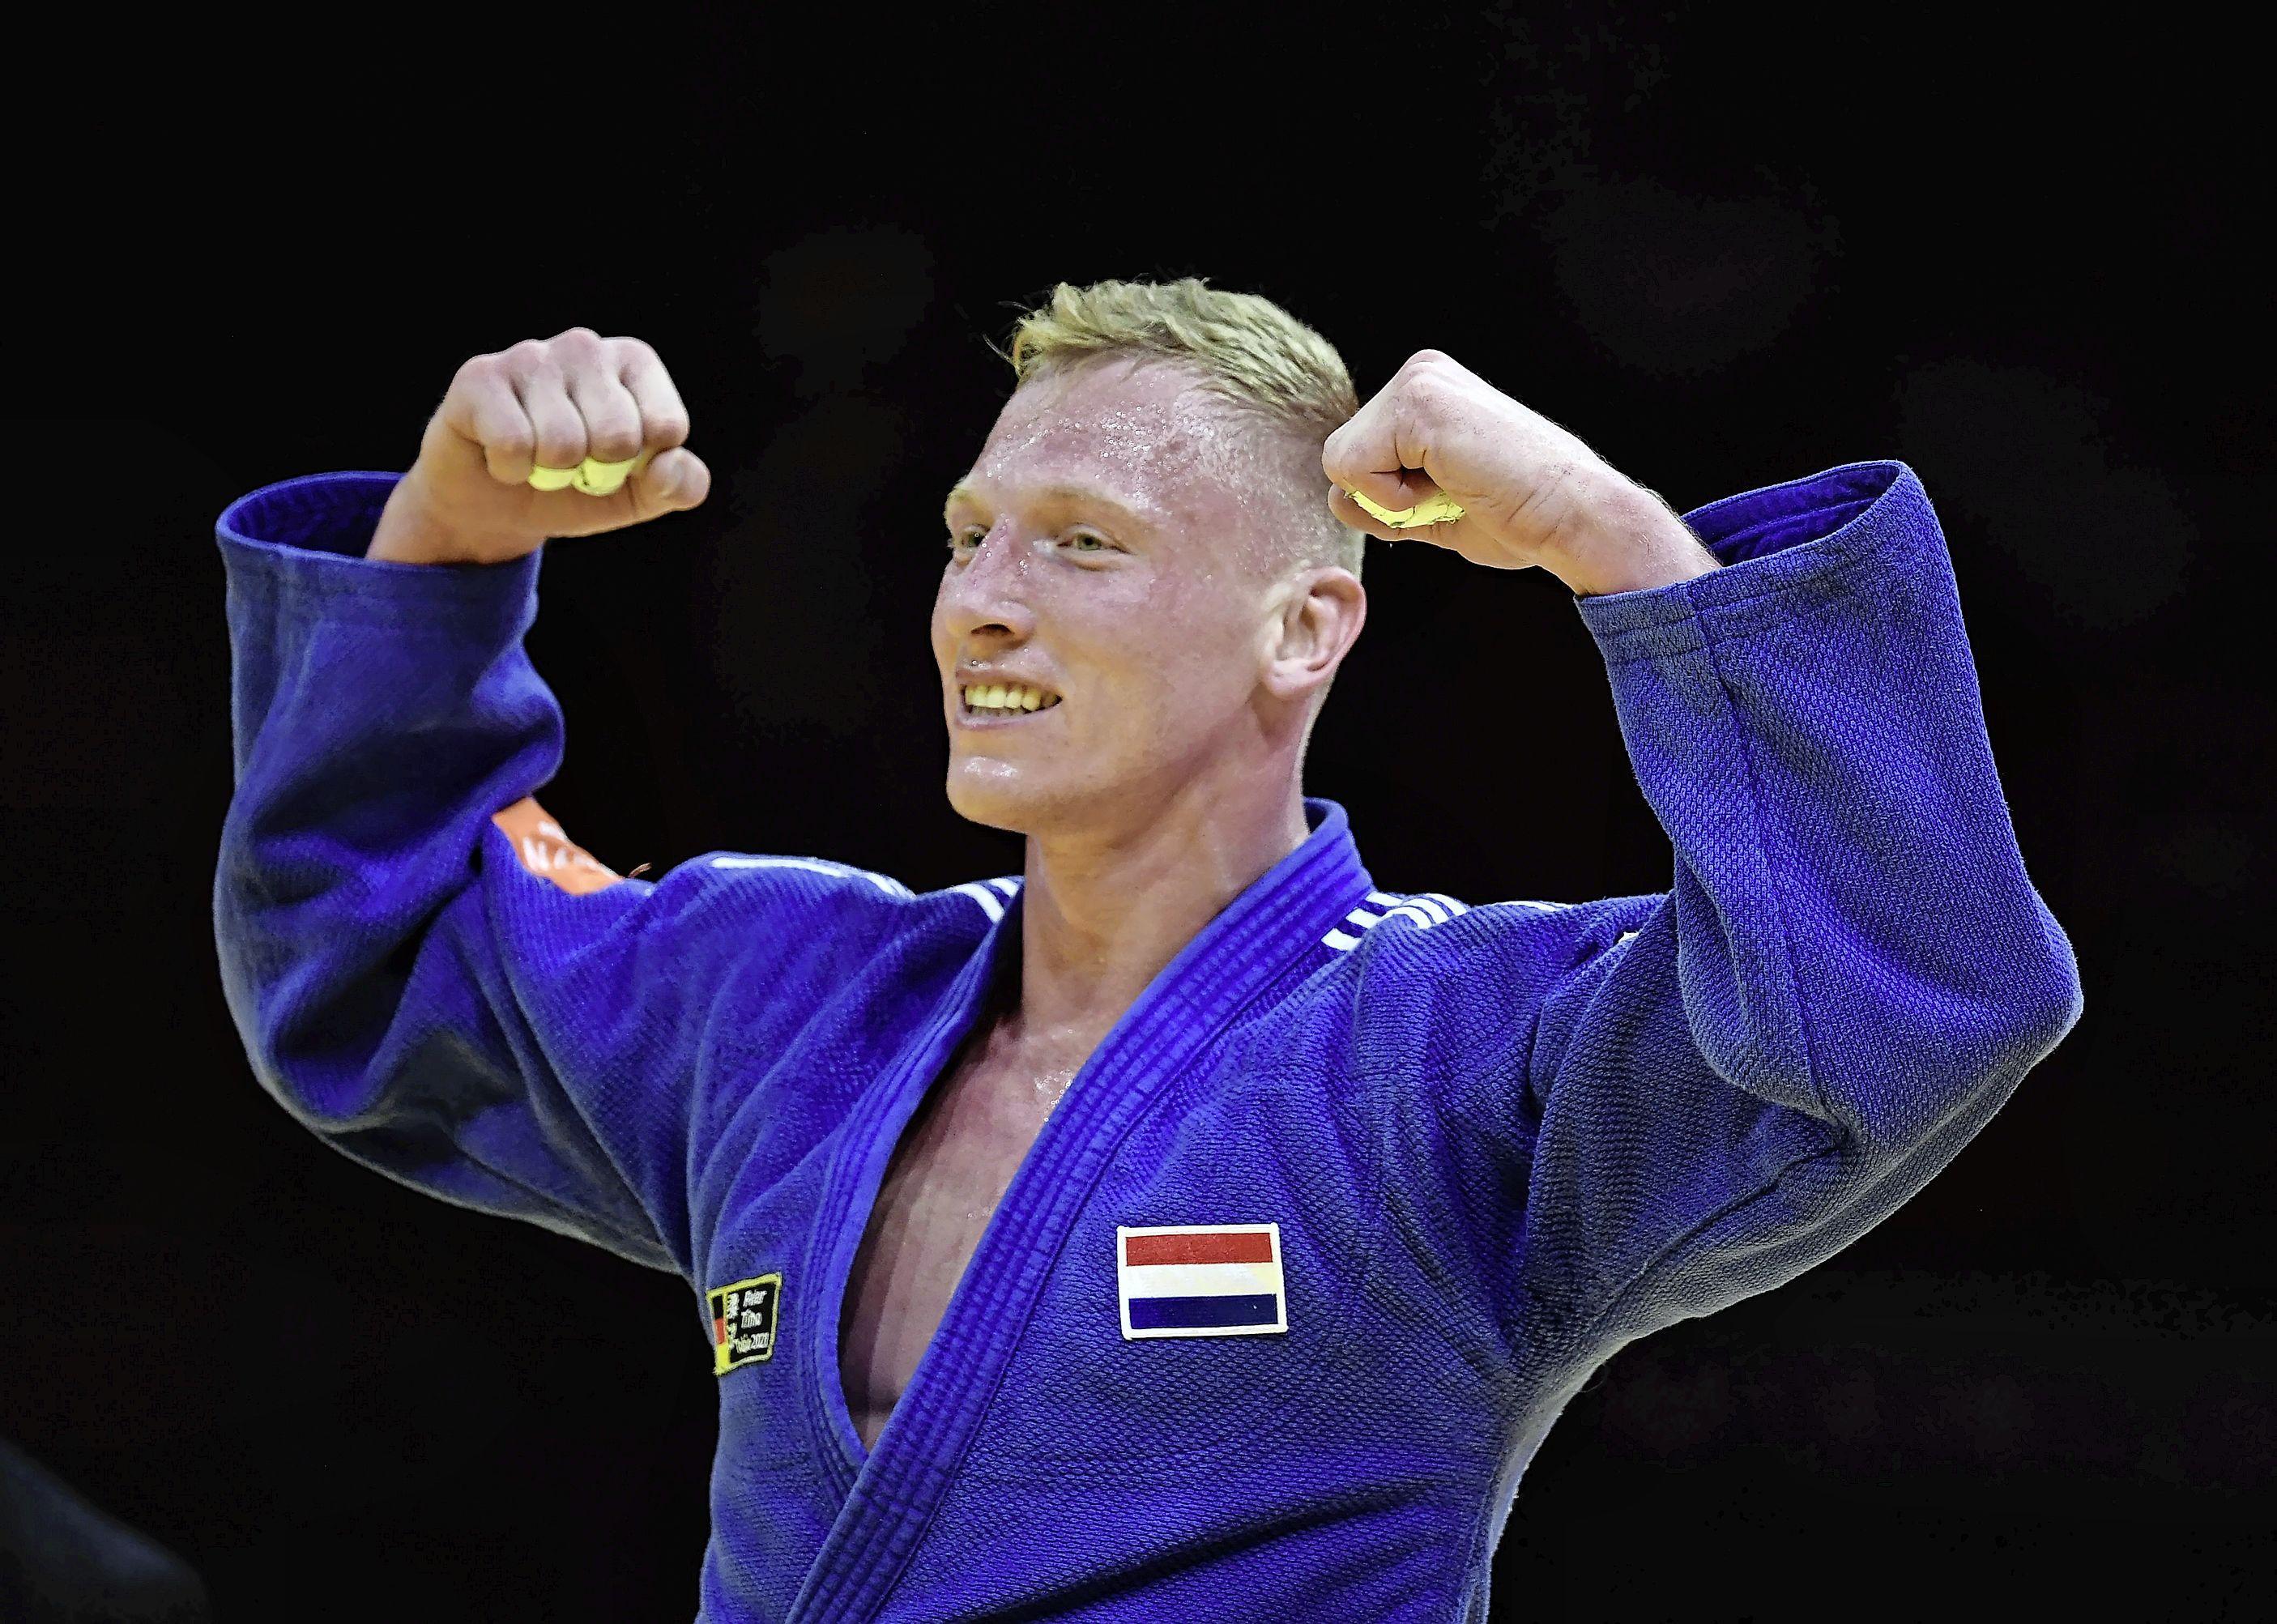 Judoka De Wit uit Heemskerk wint brons op WK